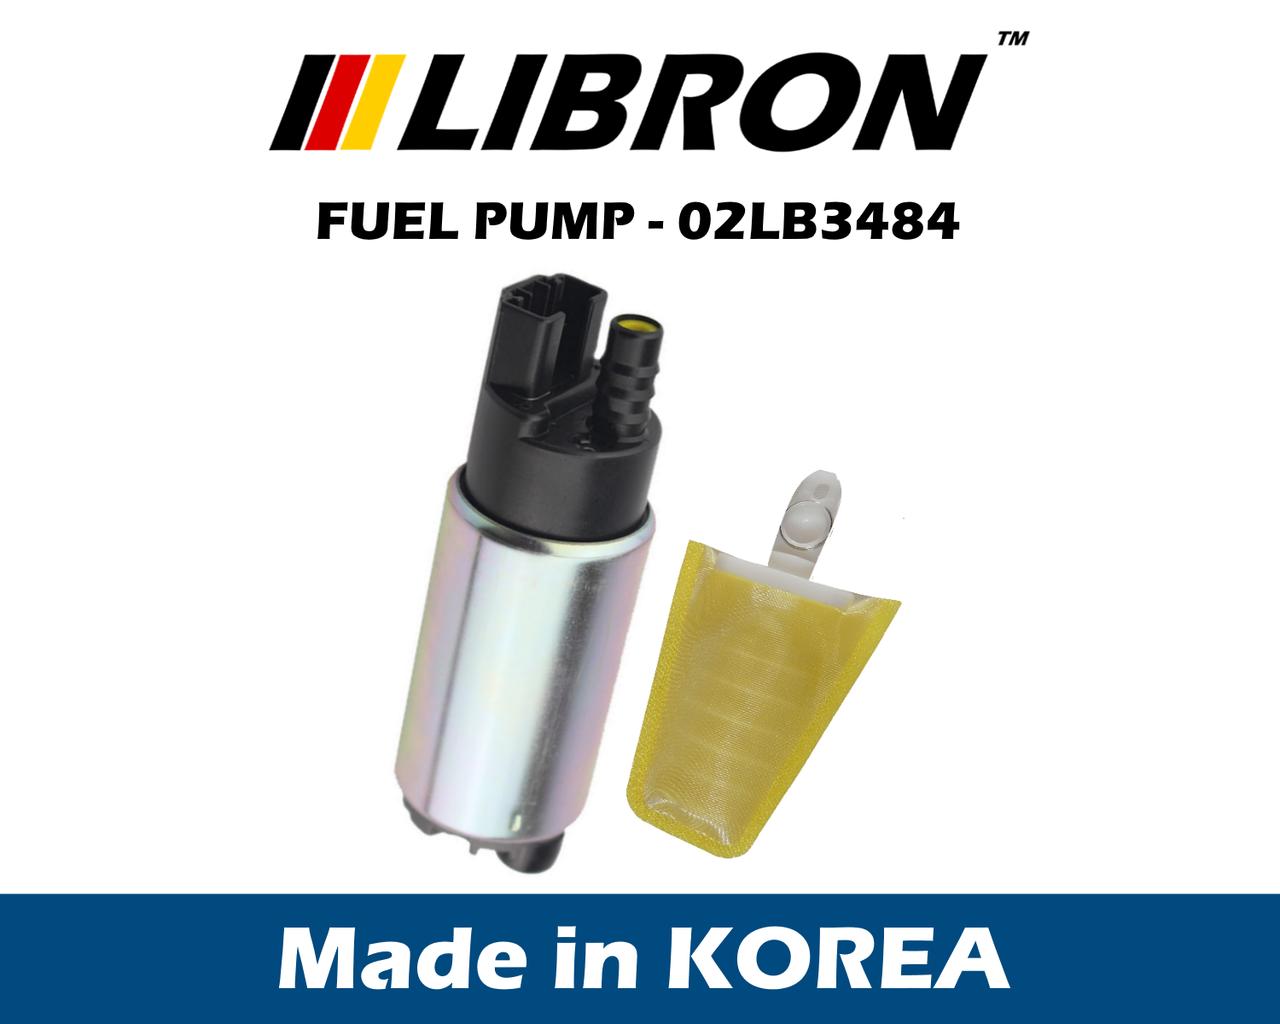 Топливный насос LIBRON 02LB3484 - Хонда Сивик Цивик V седан